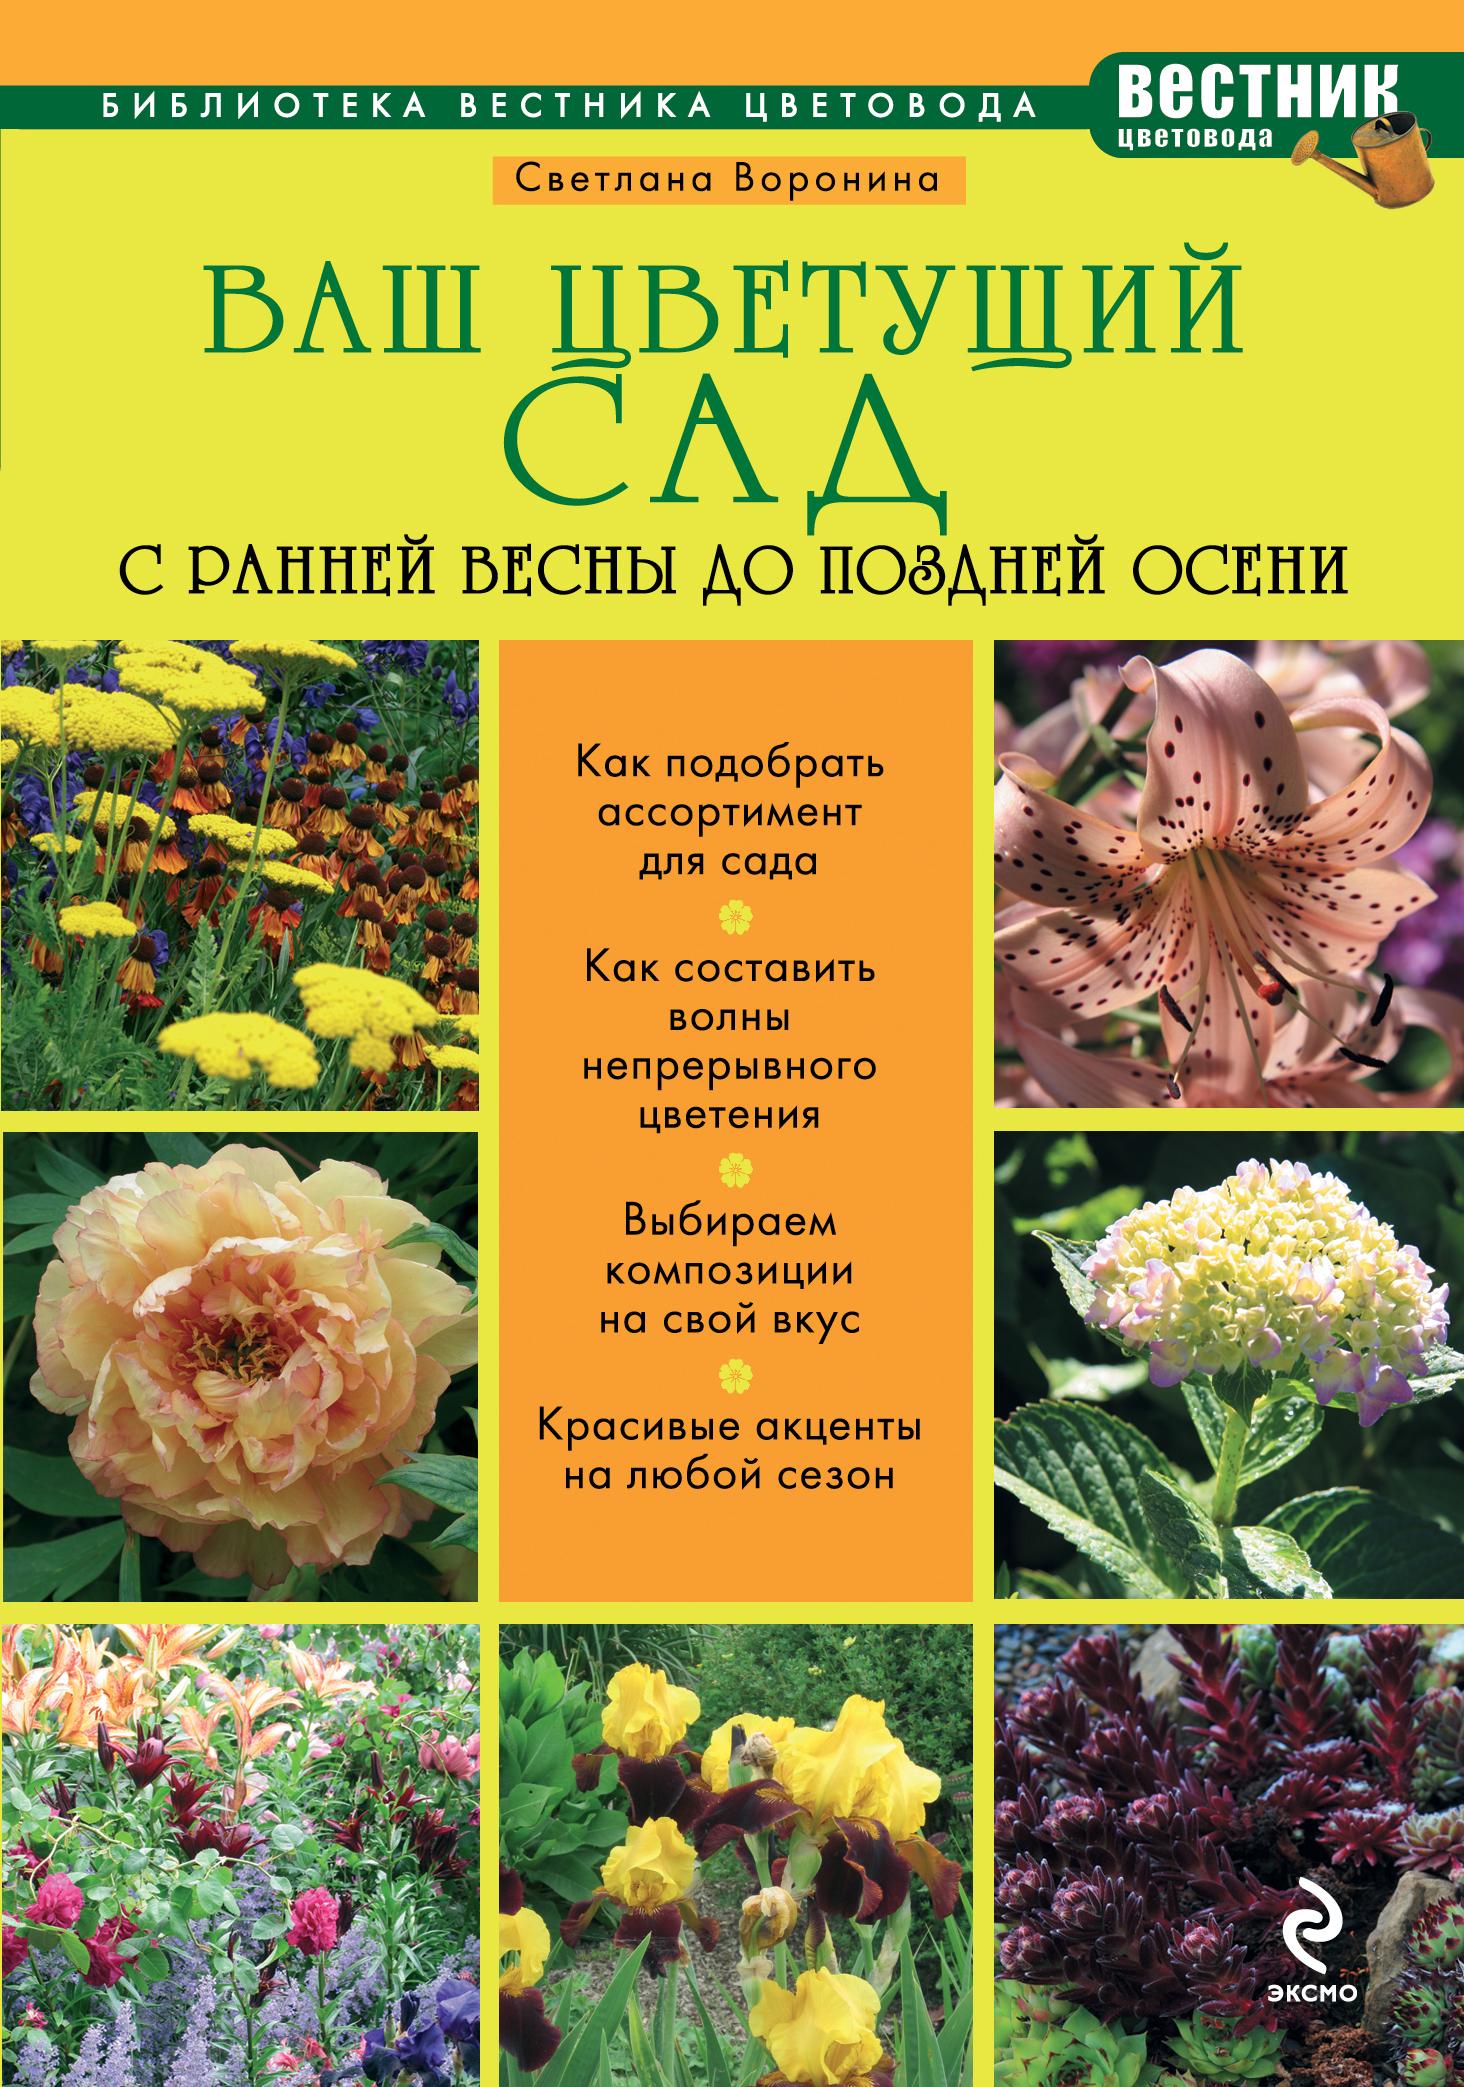 Ваш цветущий сад. С ранней весны до поздней осени от book24.ru